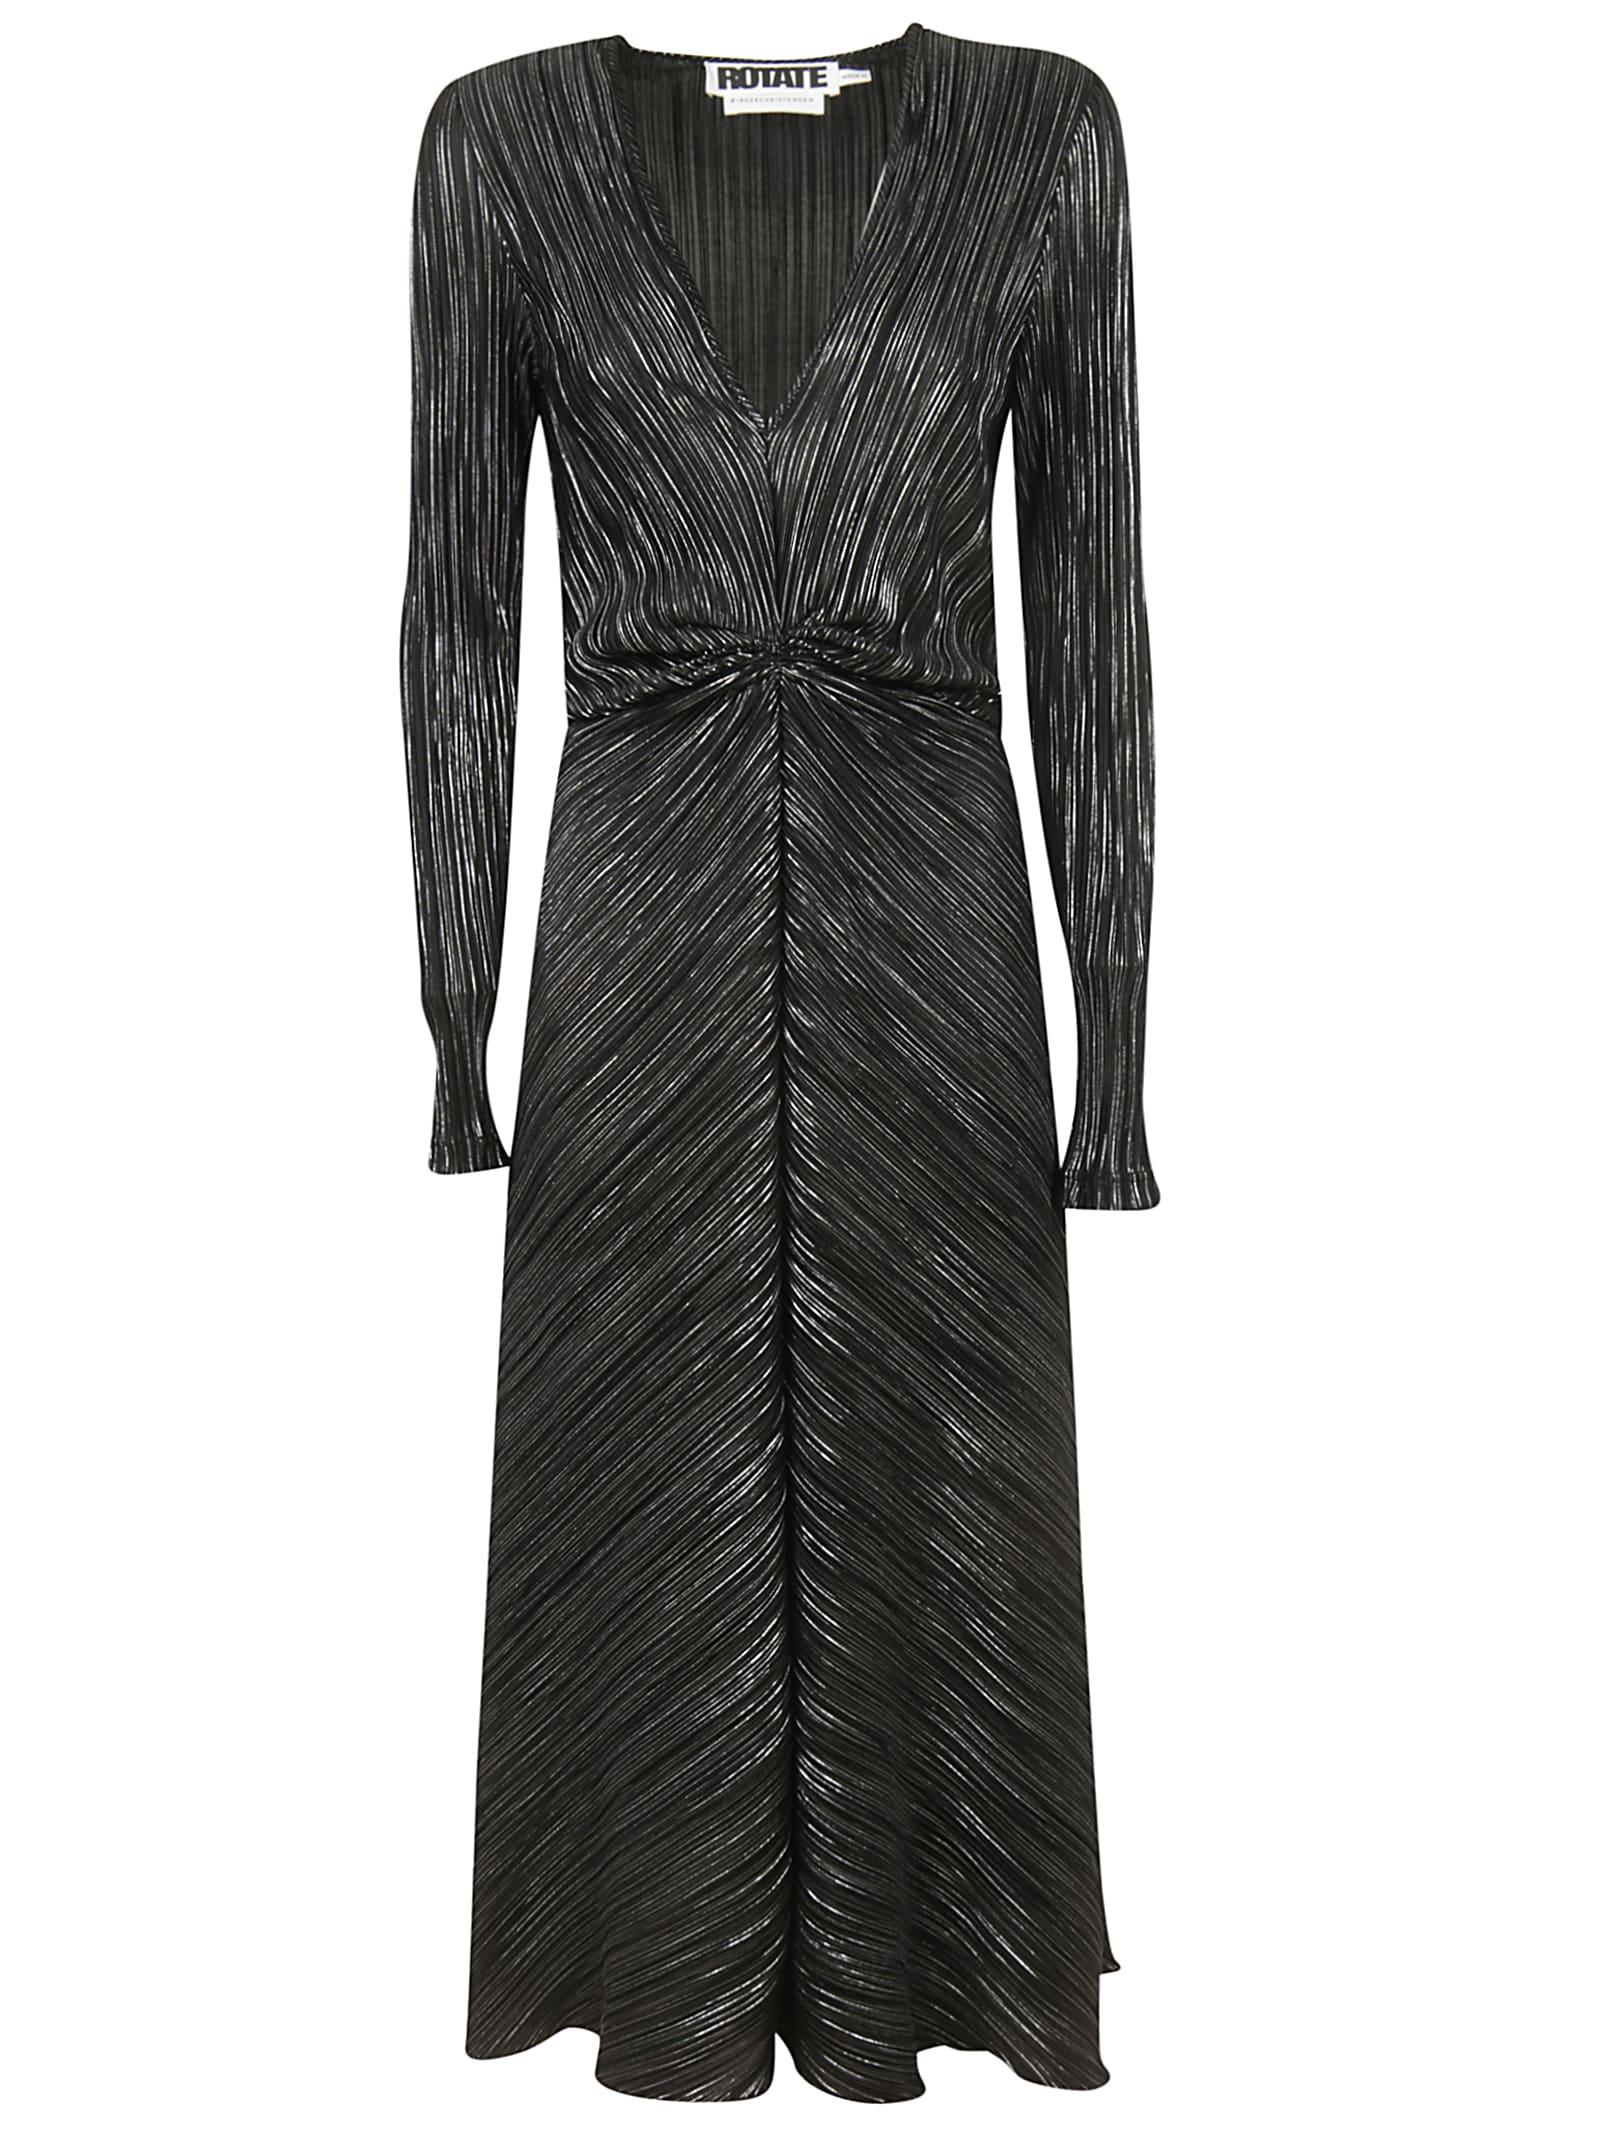 Rotate by Birger Christensen Knitted Dress